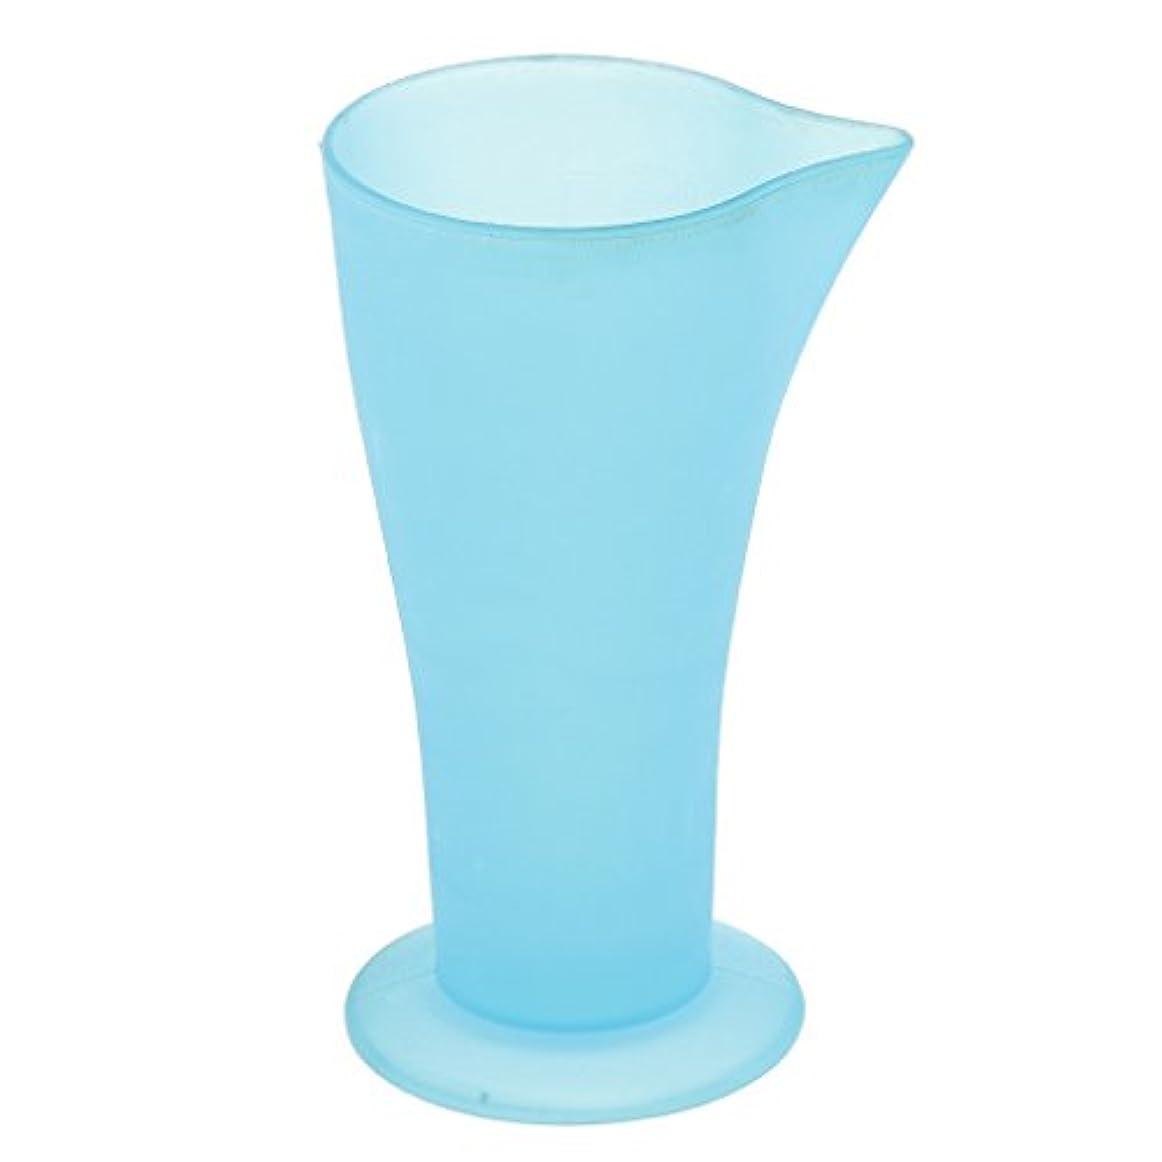 不実成人期結果実験室のための1x 120mLの明確な青いプラスチックによって卒業する液体の測定のビーカーのコップ